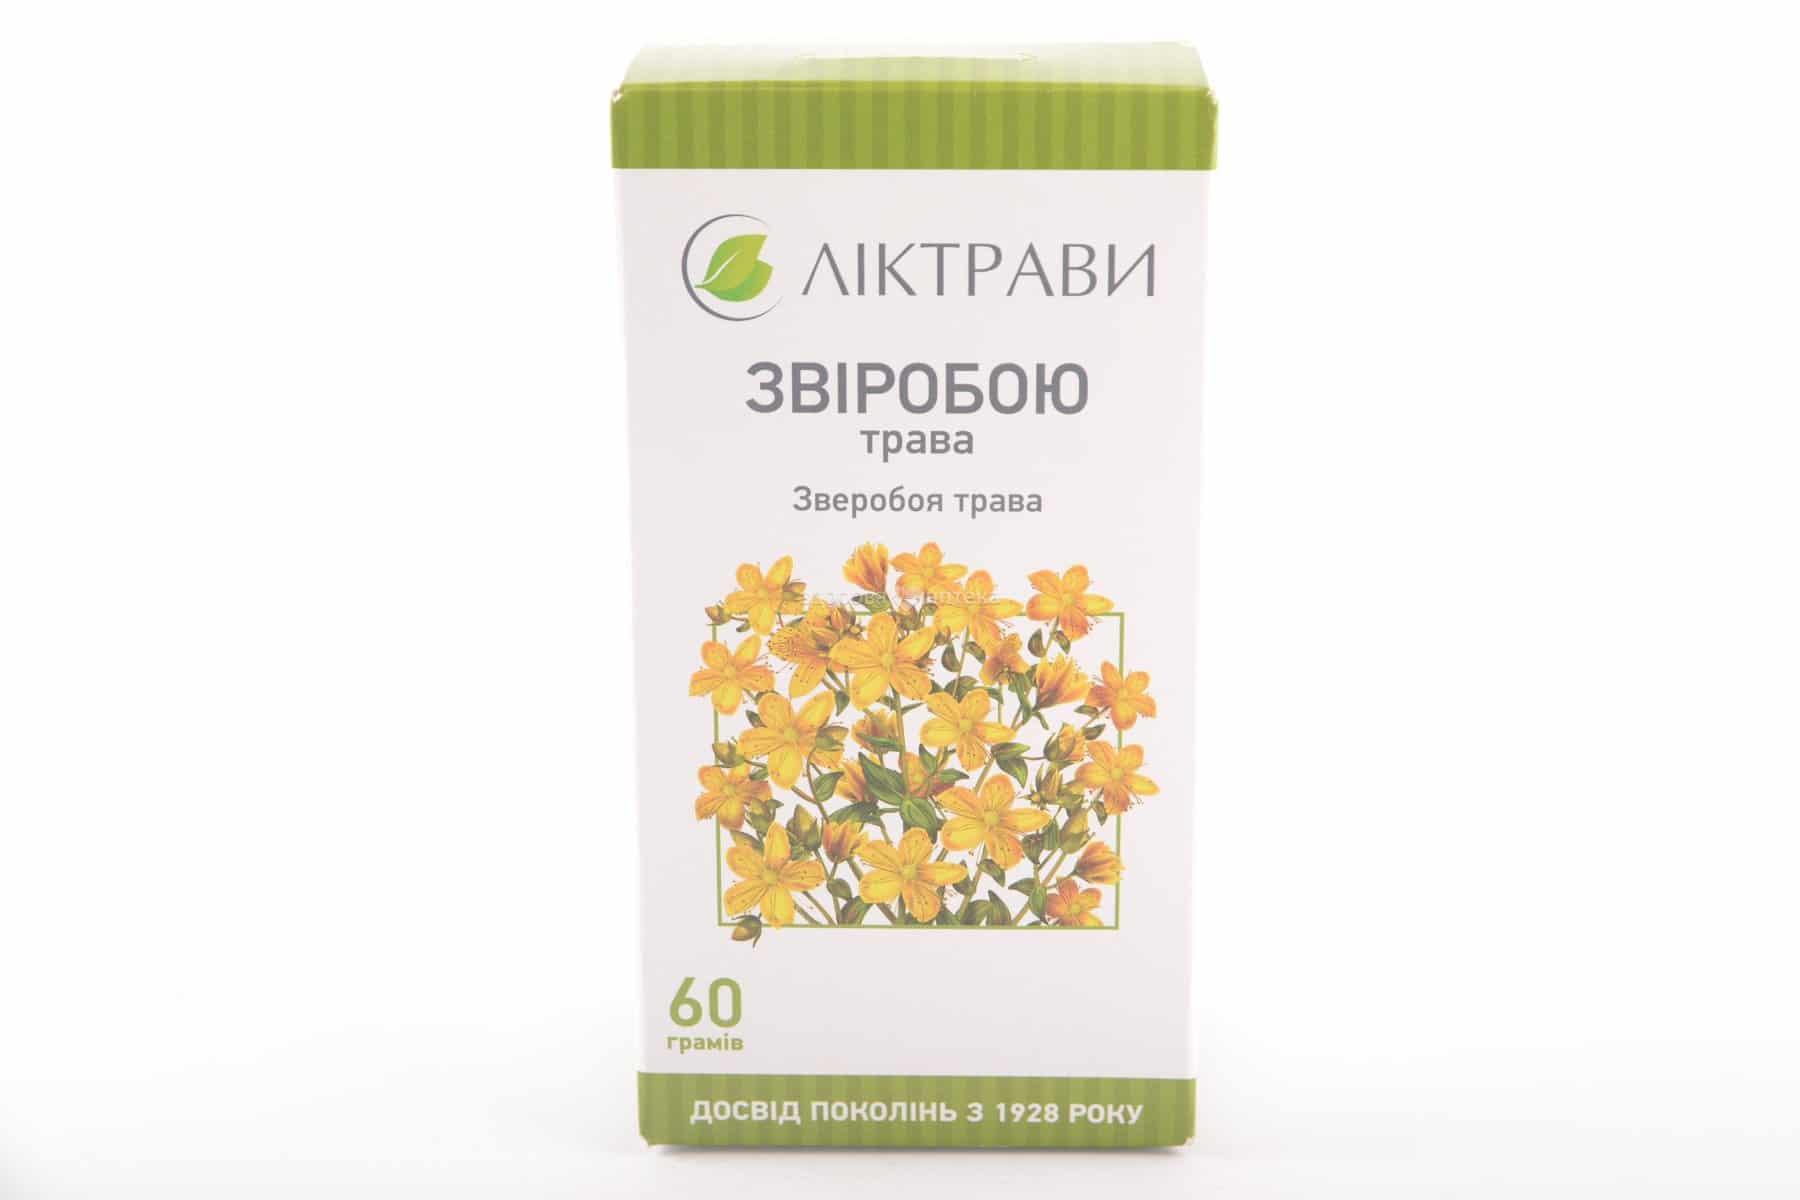 St. John's herb 60 gramms